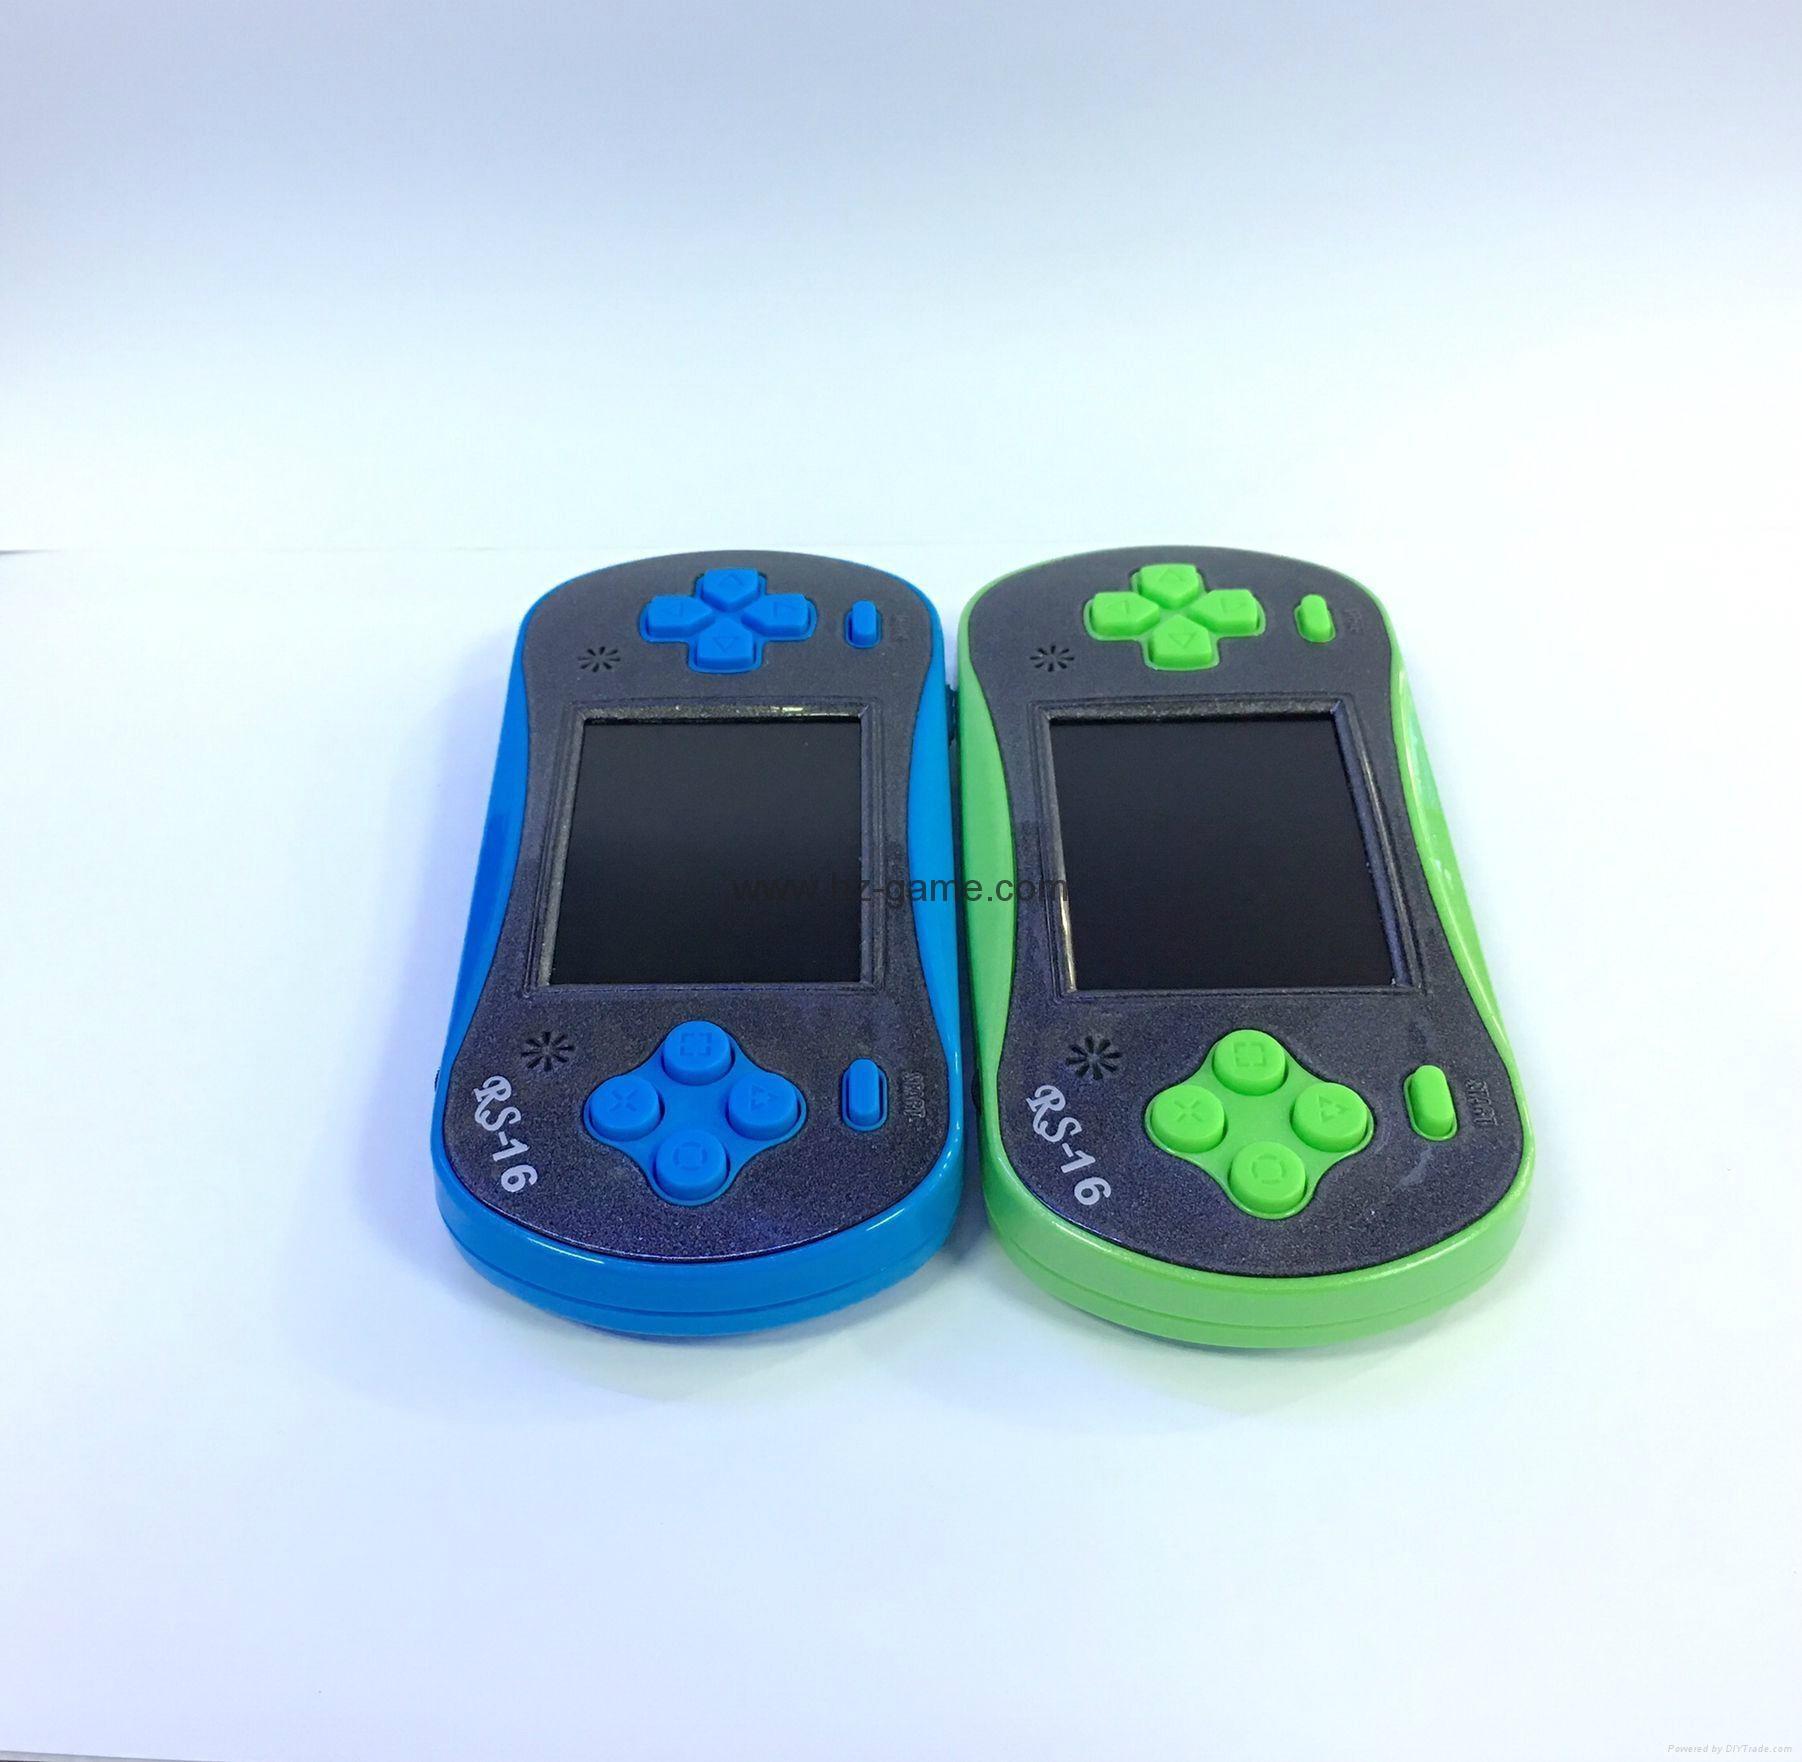 RS16游戏机儿童掌上游戏机内置260个游戏NESFC红白机PVPPXP3 10